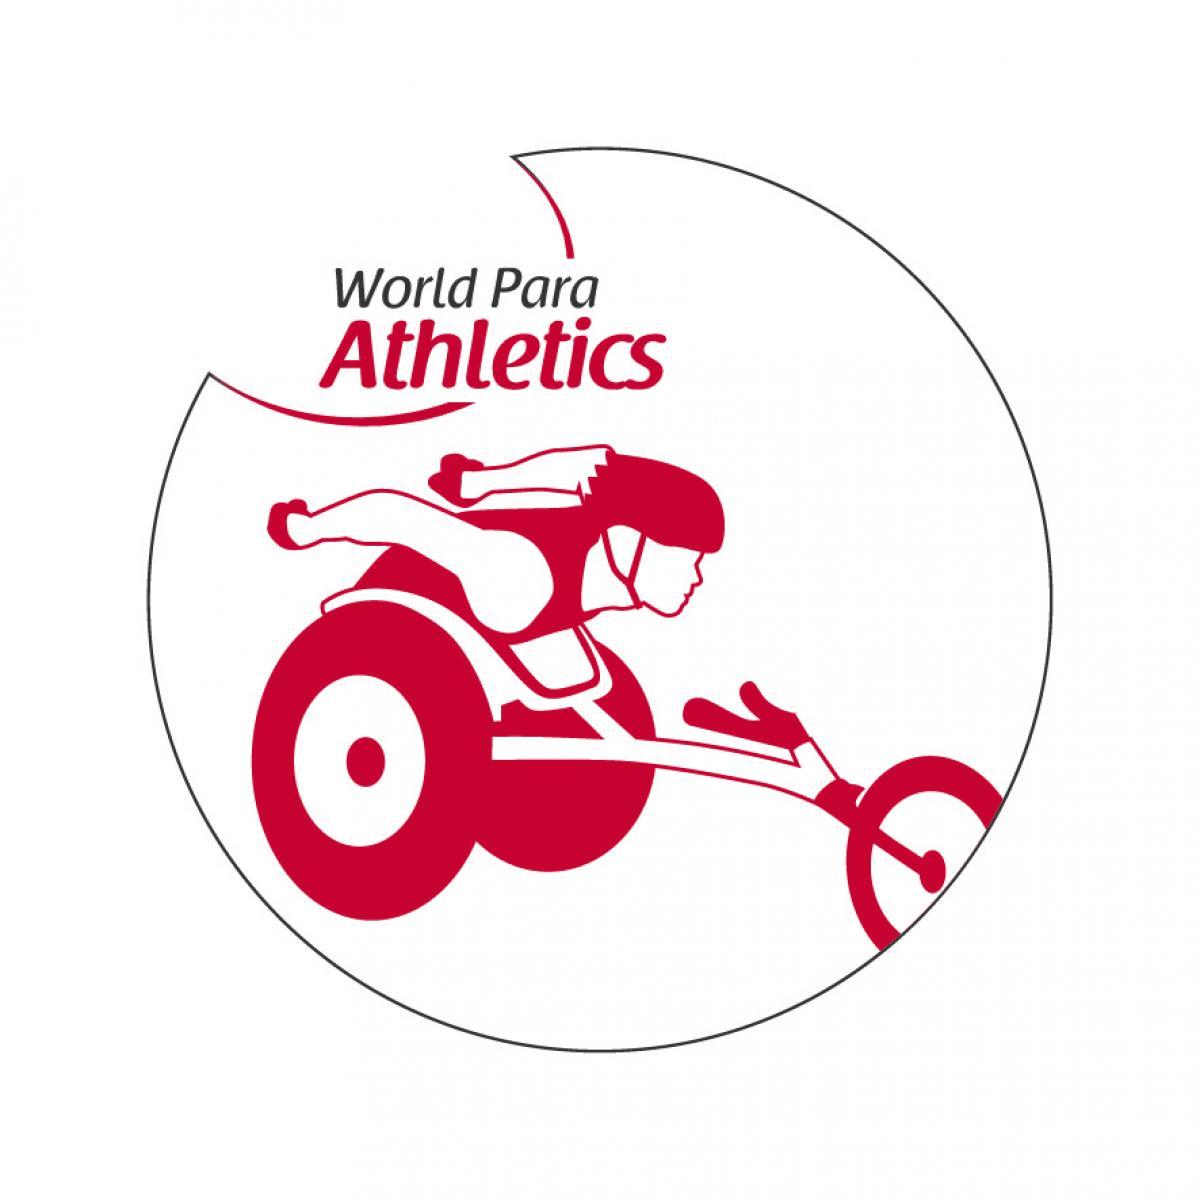 Чемпионат мира по легкой атлетике МПК перенесен на период с 26 августа по 4 сентября 2022 года